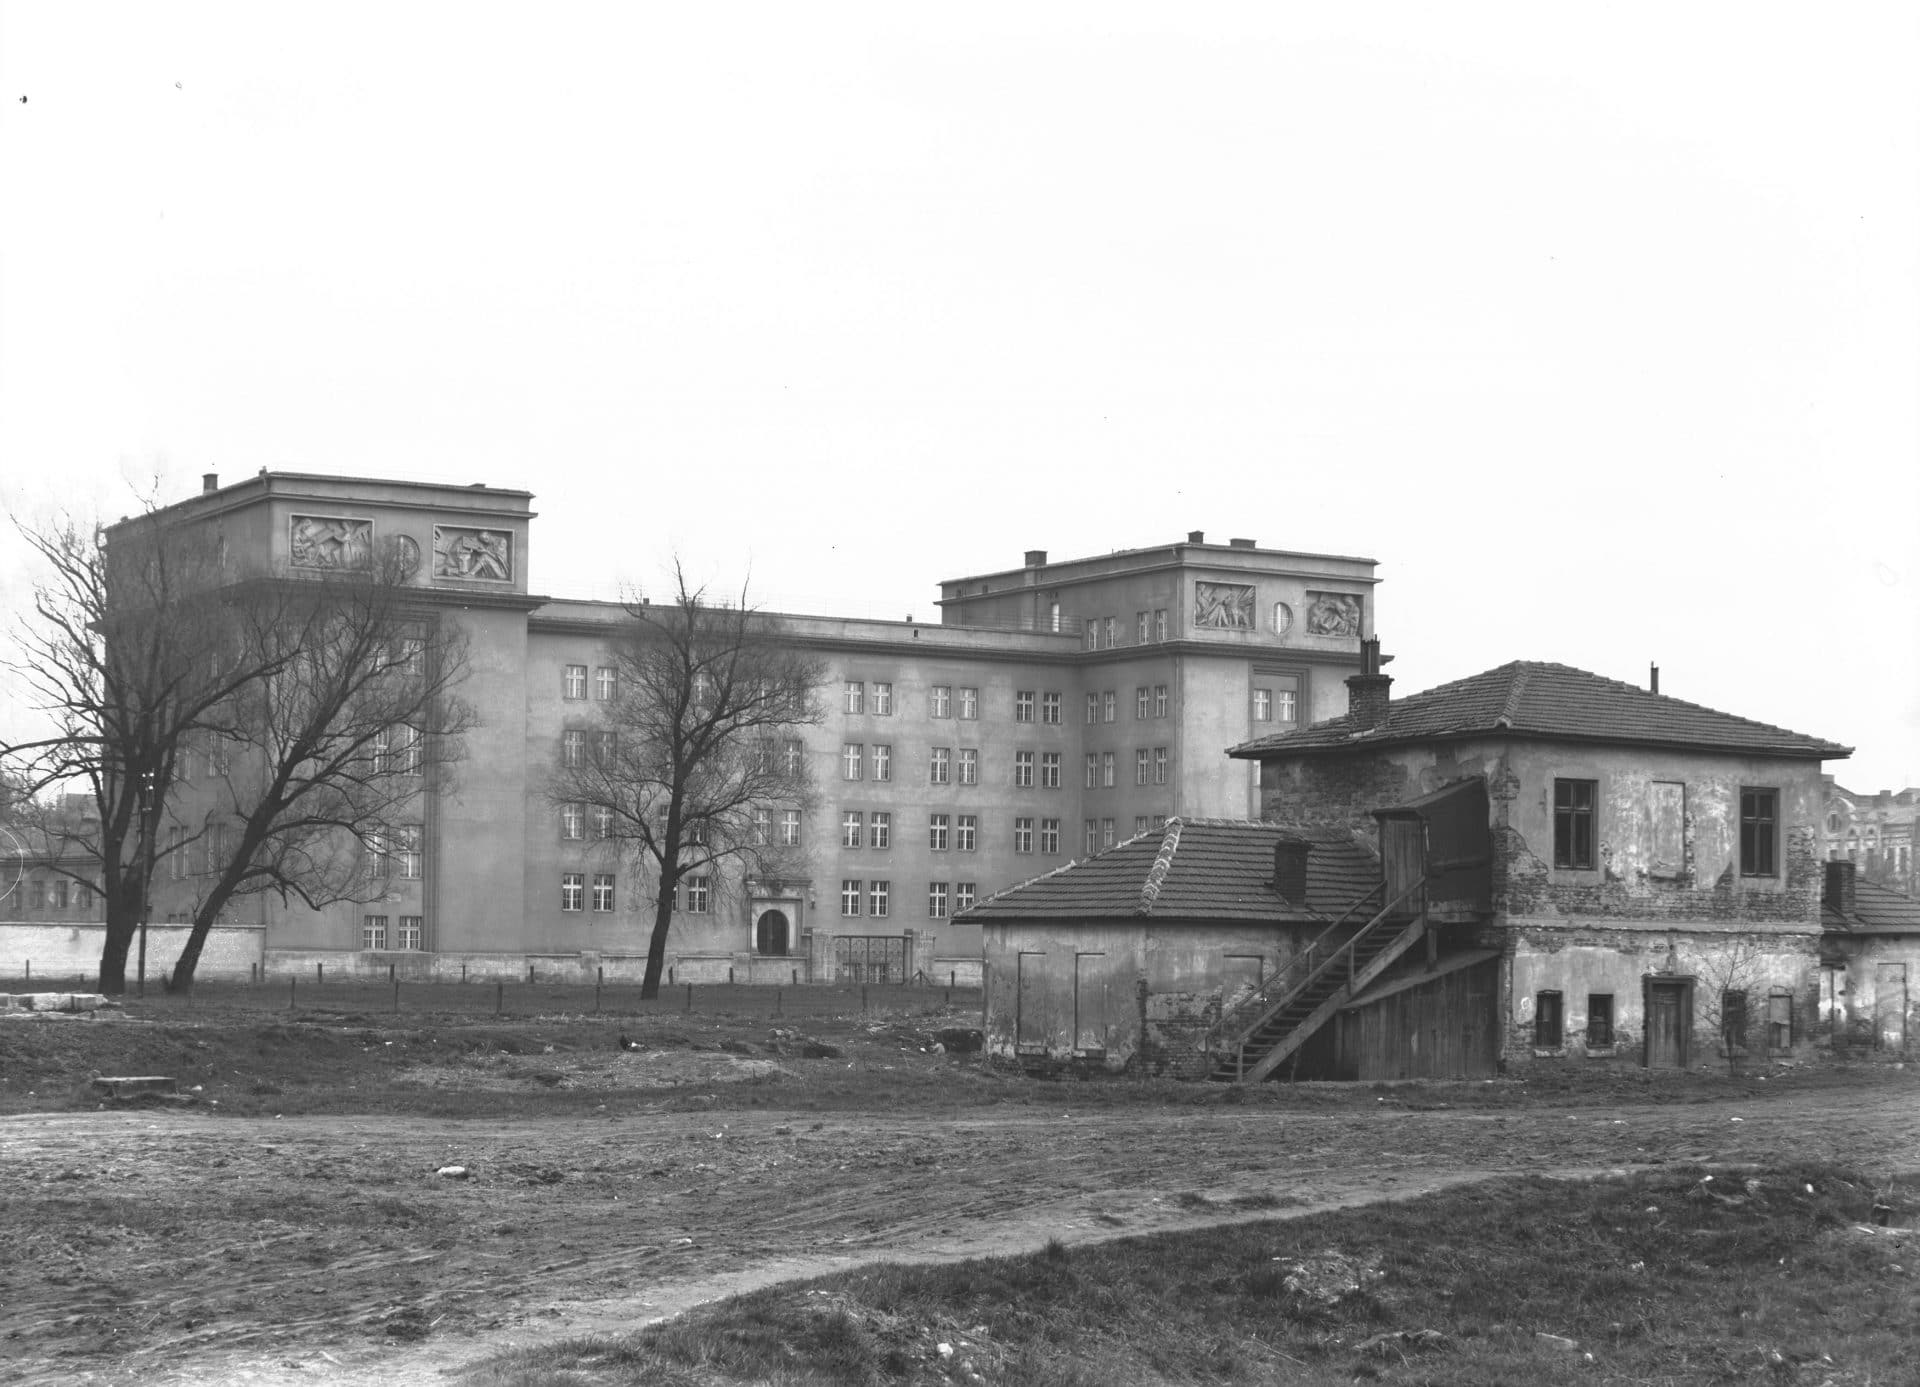 Gmach Seminarium Śląskiego w Krakowie. 1934 rok. Źródło: Narodowe Archiwum Cyfrowe.